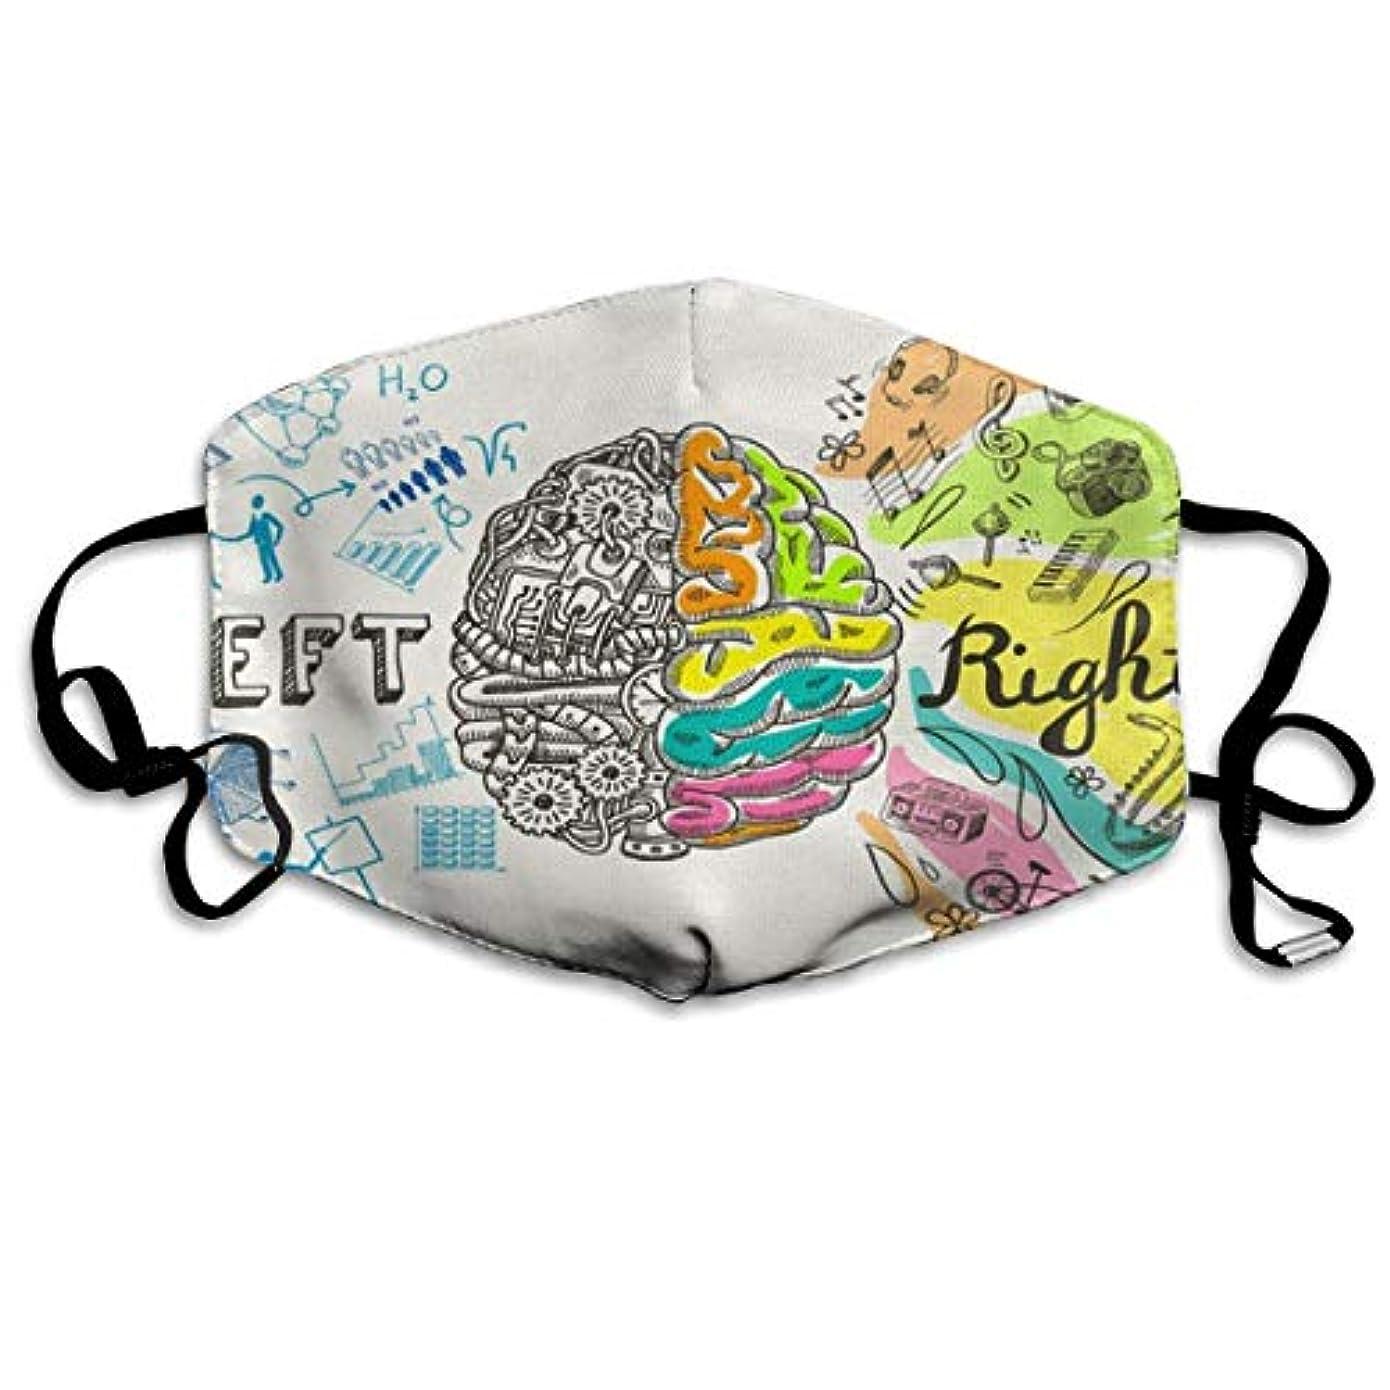 アグネスグレイマイルド手綱Emoti レディースメンズキッズのための脳の左と右の分析クリエイティブ半球スケッチ落書きハンド再利用可能な綿の口のマスクに、ファッションアンチダストフェイスマスク